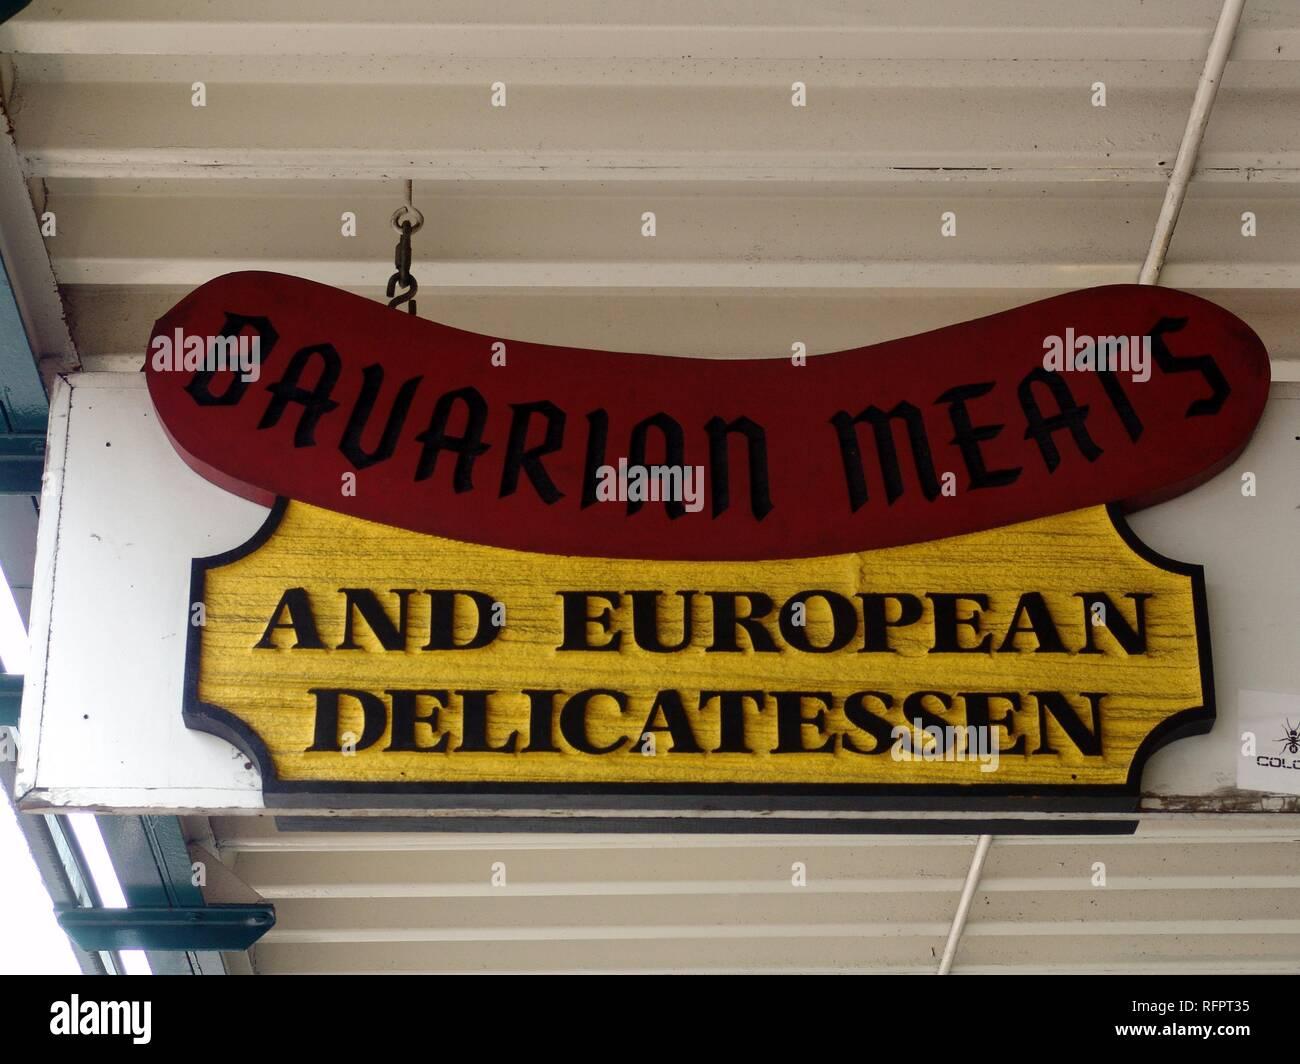 USA, Vereinigte Staaten von Amerika: Delikatessengeschäft. Stockfoto